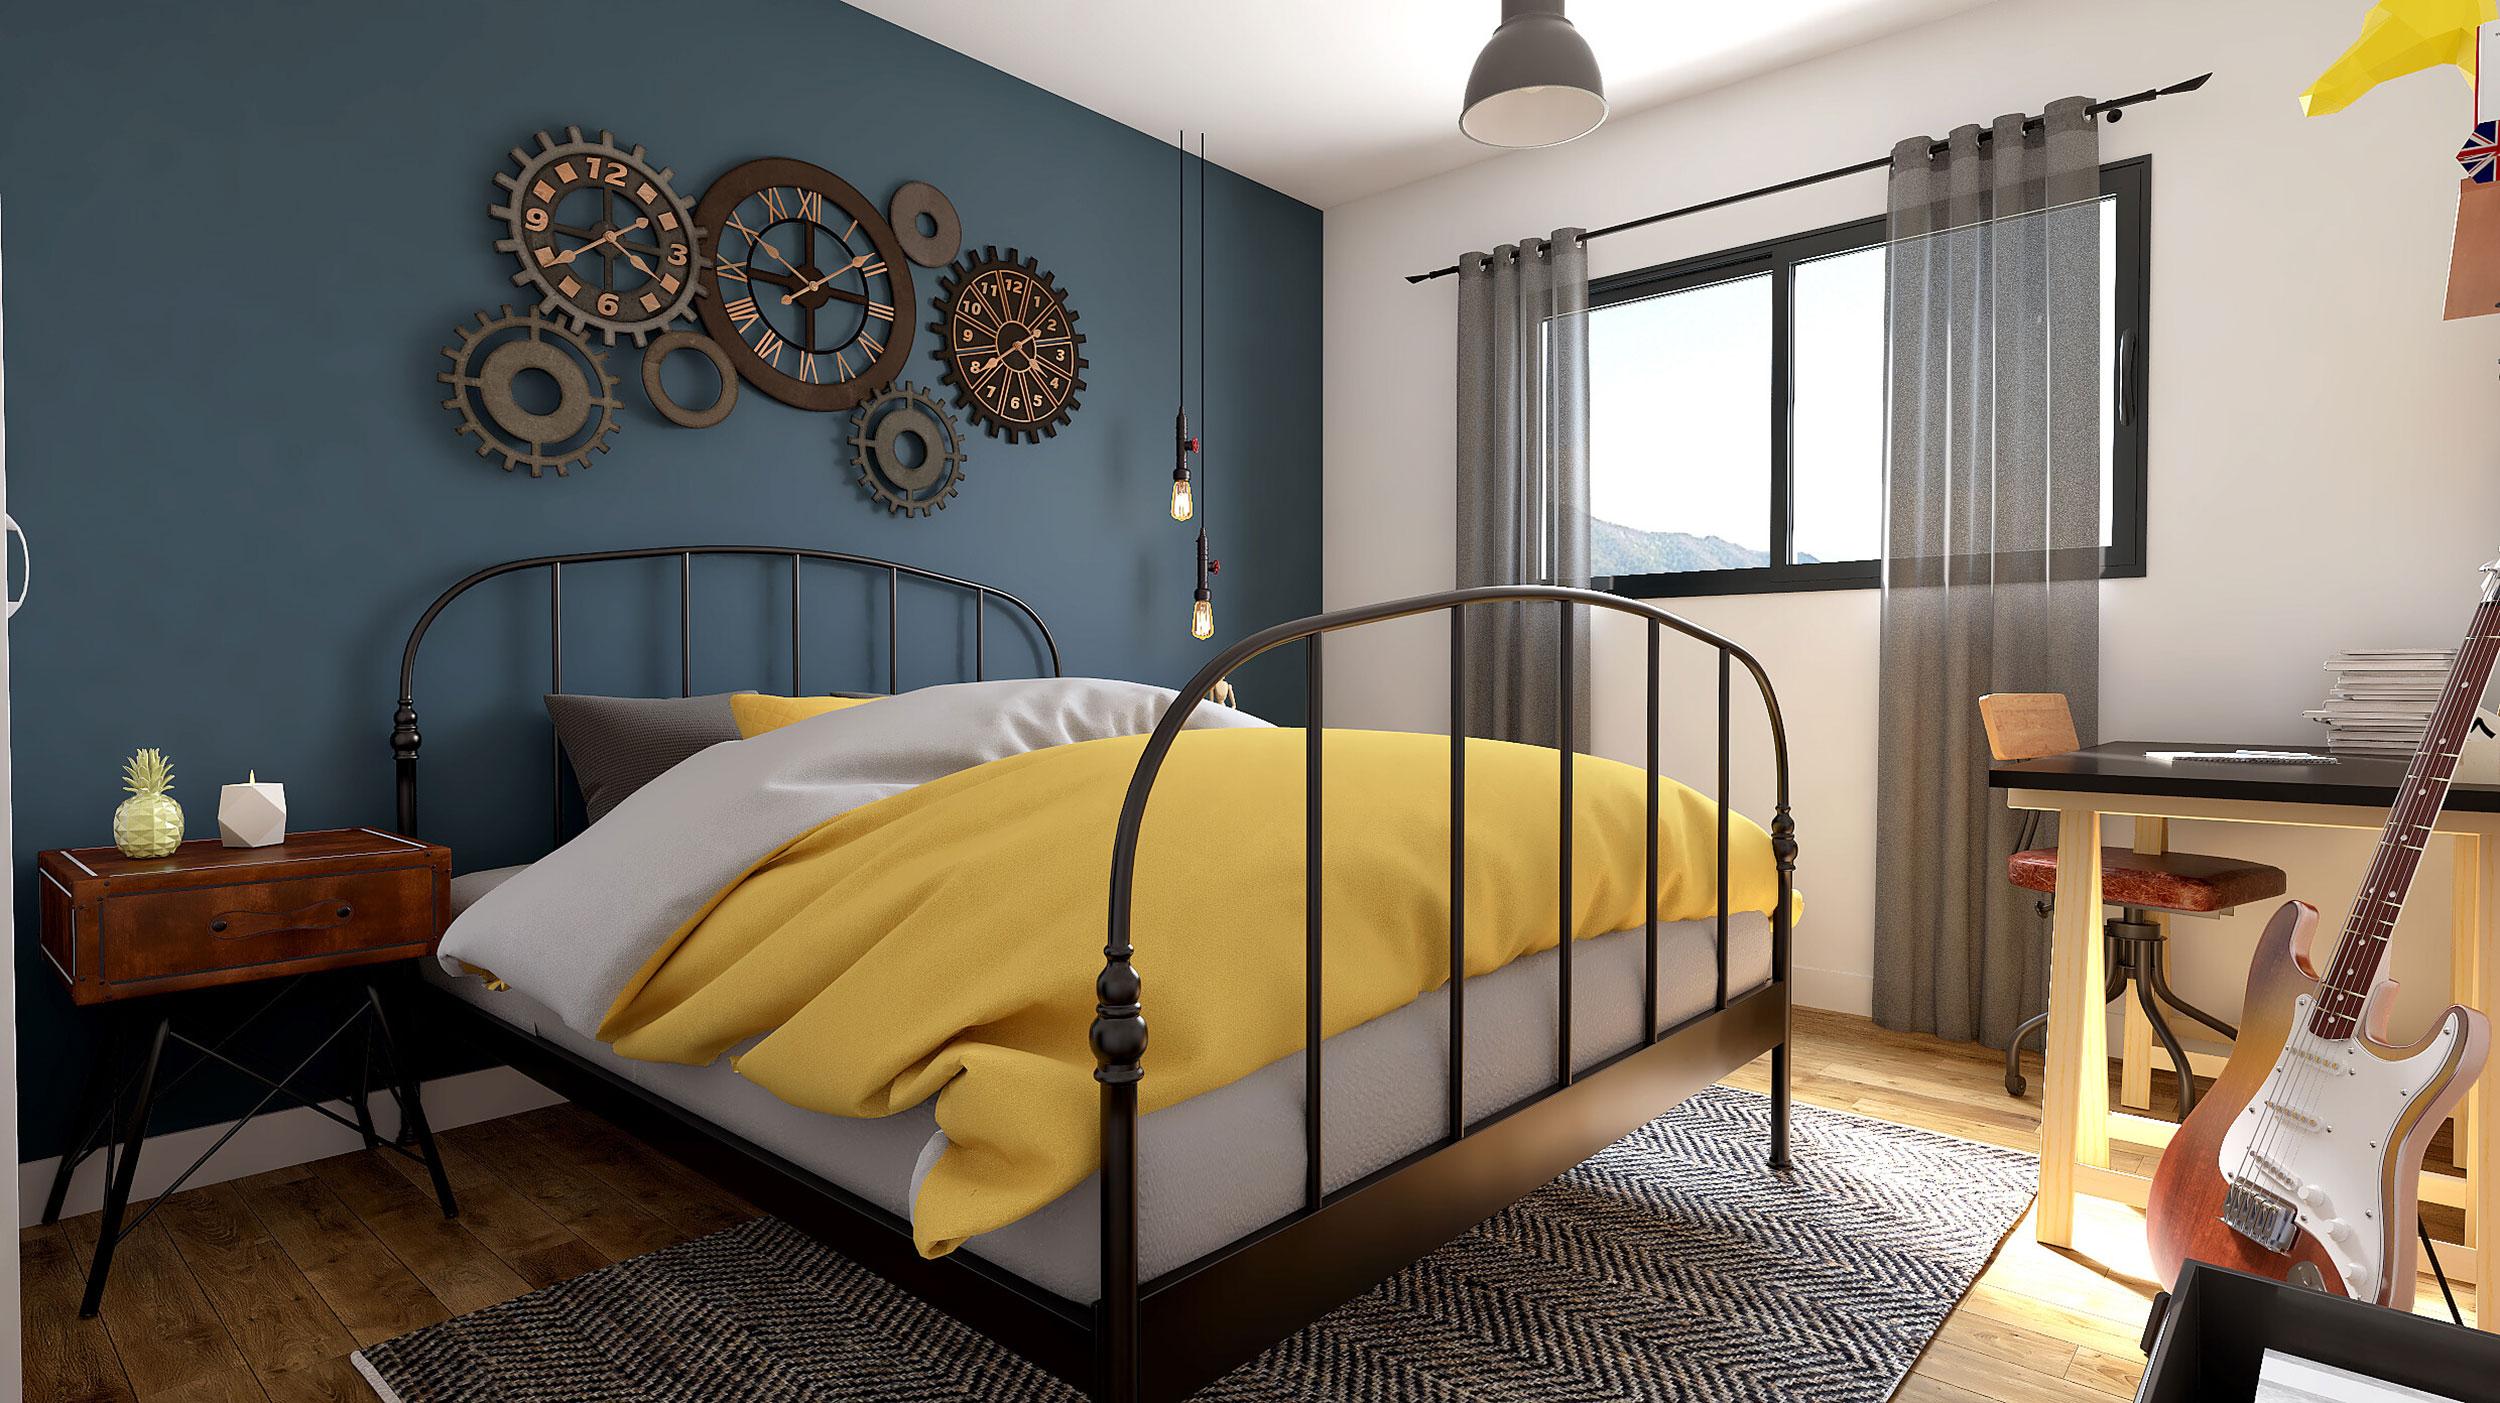 Maison Contemporaine Etage Prestige Avec Plans Maisons Bati France Constructeur Maison Individuelle Languedoc Roussillon